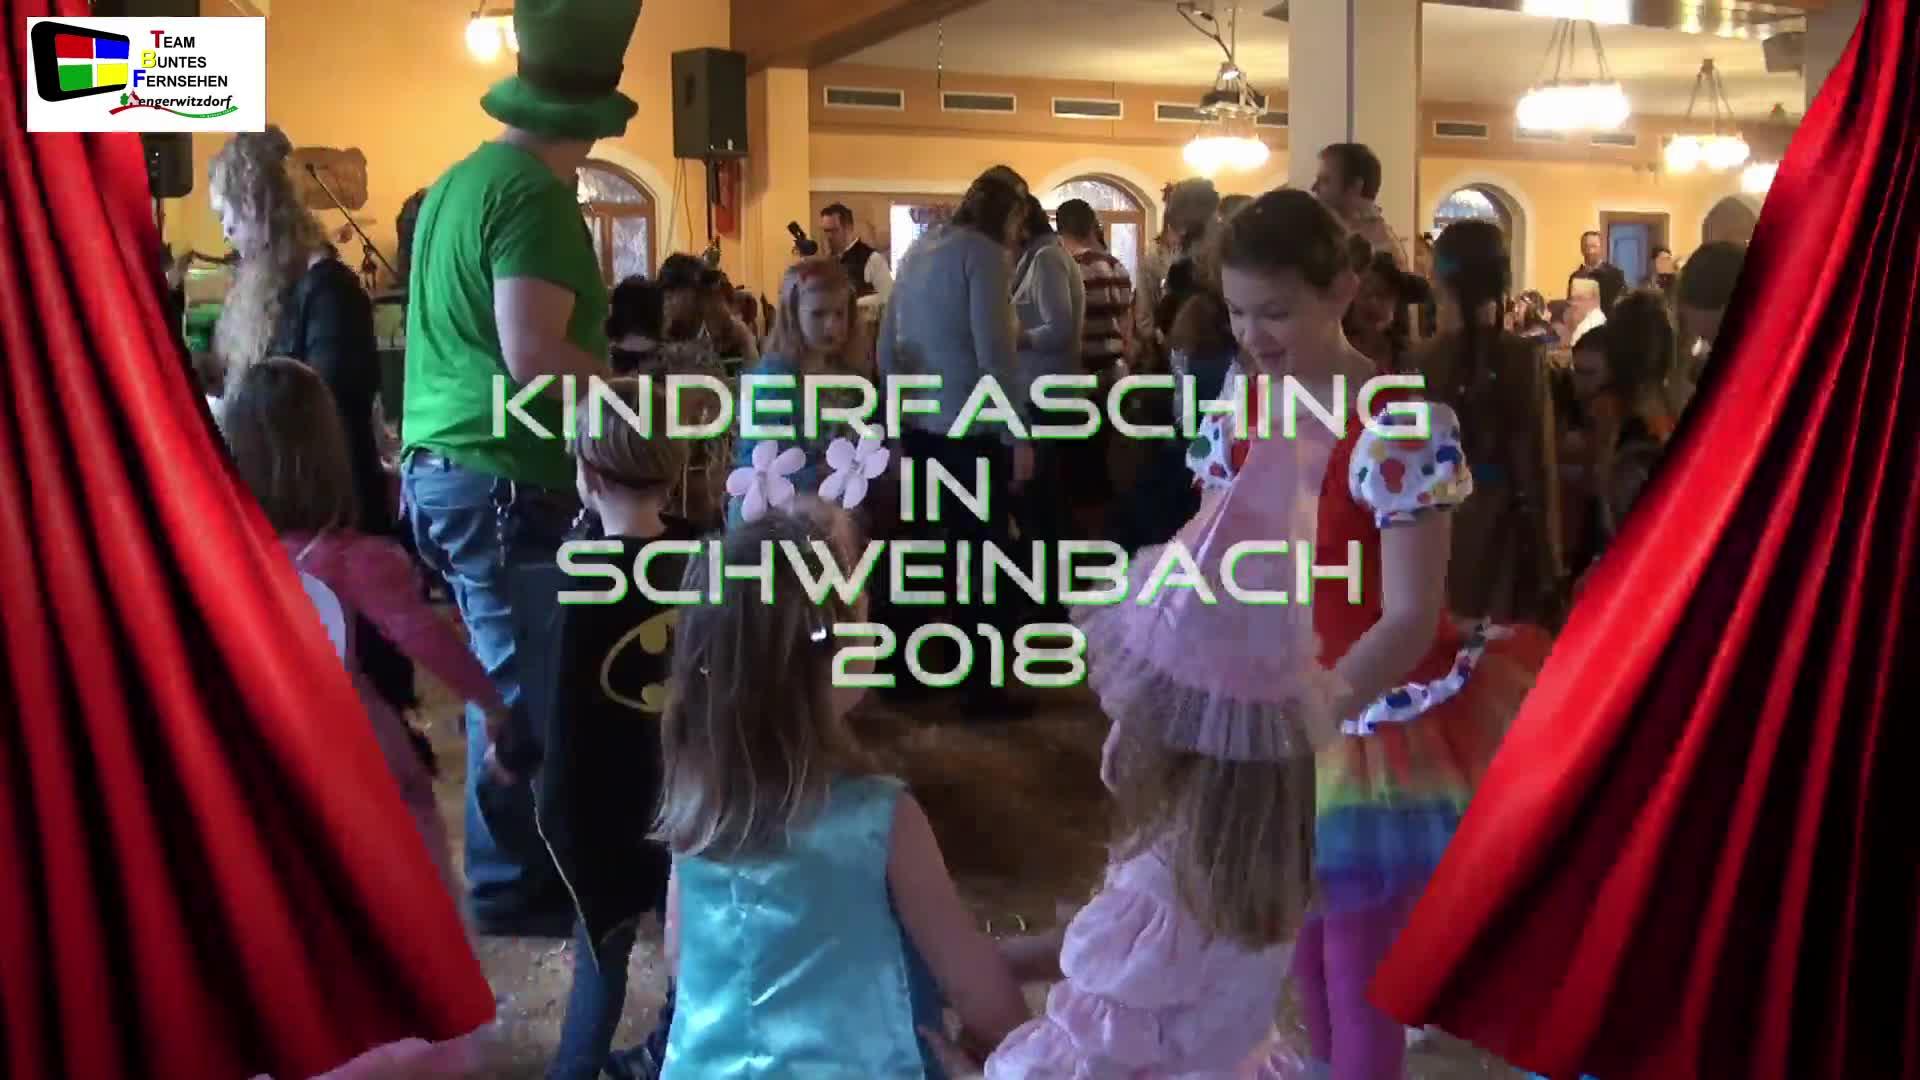 Kinderfasching in Schweinbach 2018